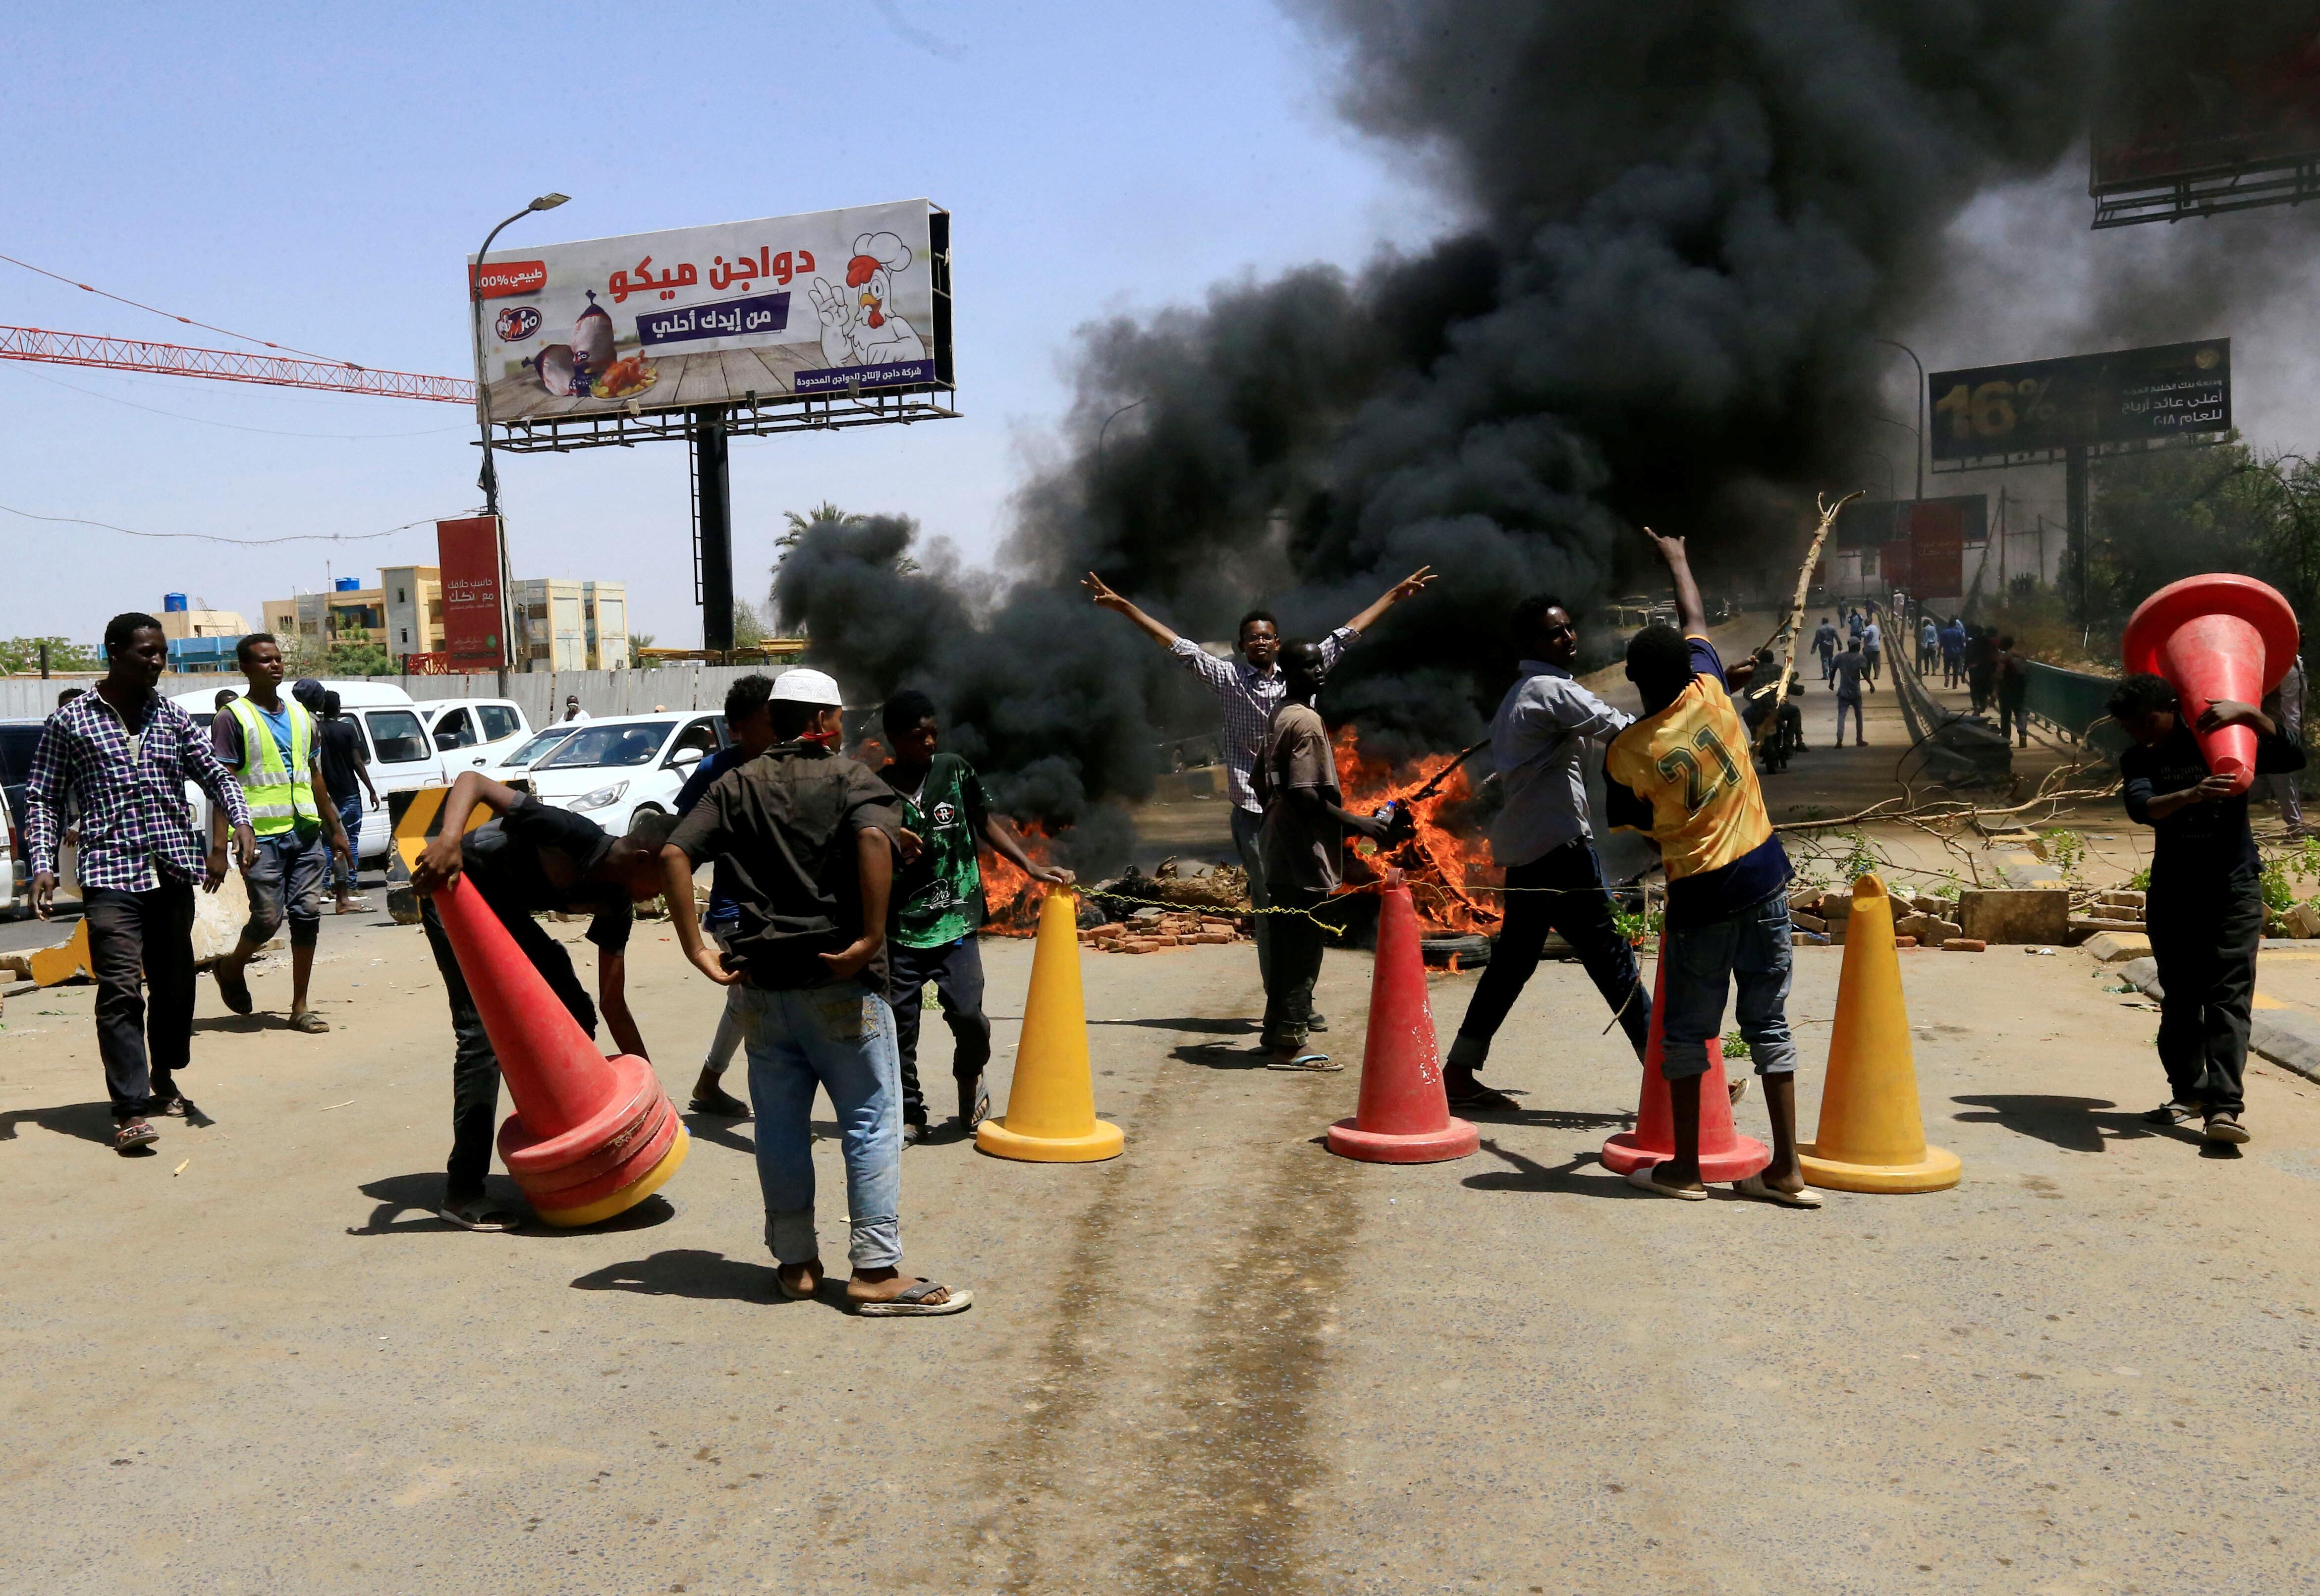 수단 시위대가 길을 막기 위해 쌓아놓은 타이어 등을 불태우고 있다. 수단, 하르툼. 2019년